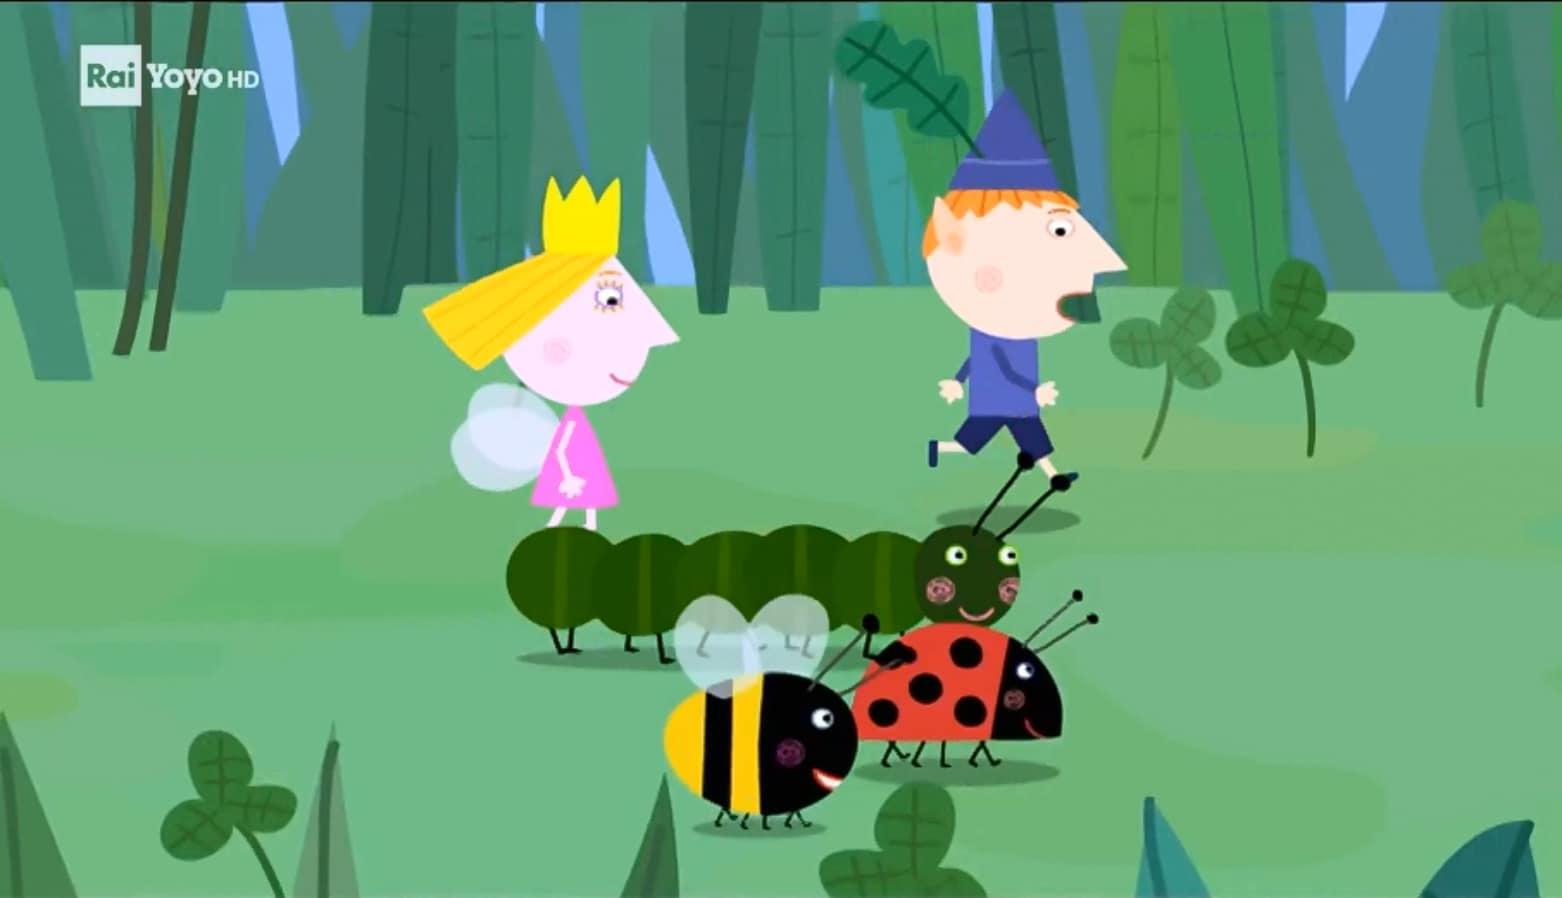 Rai Yoyo Il piccolo regno di Ben e Holly - S1E25 - Il bruco Betty